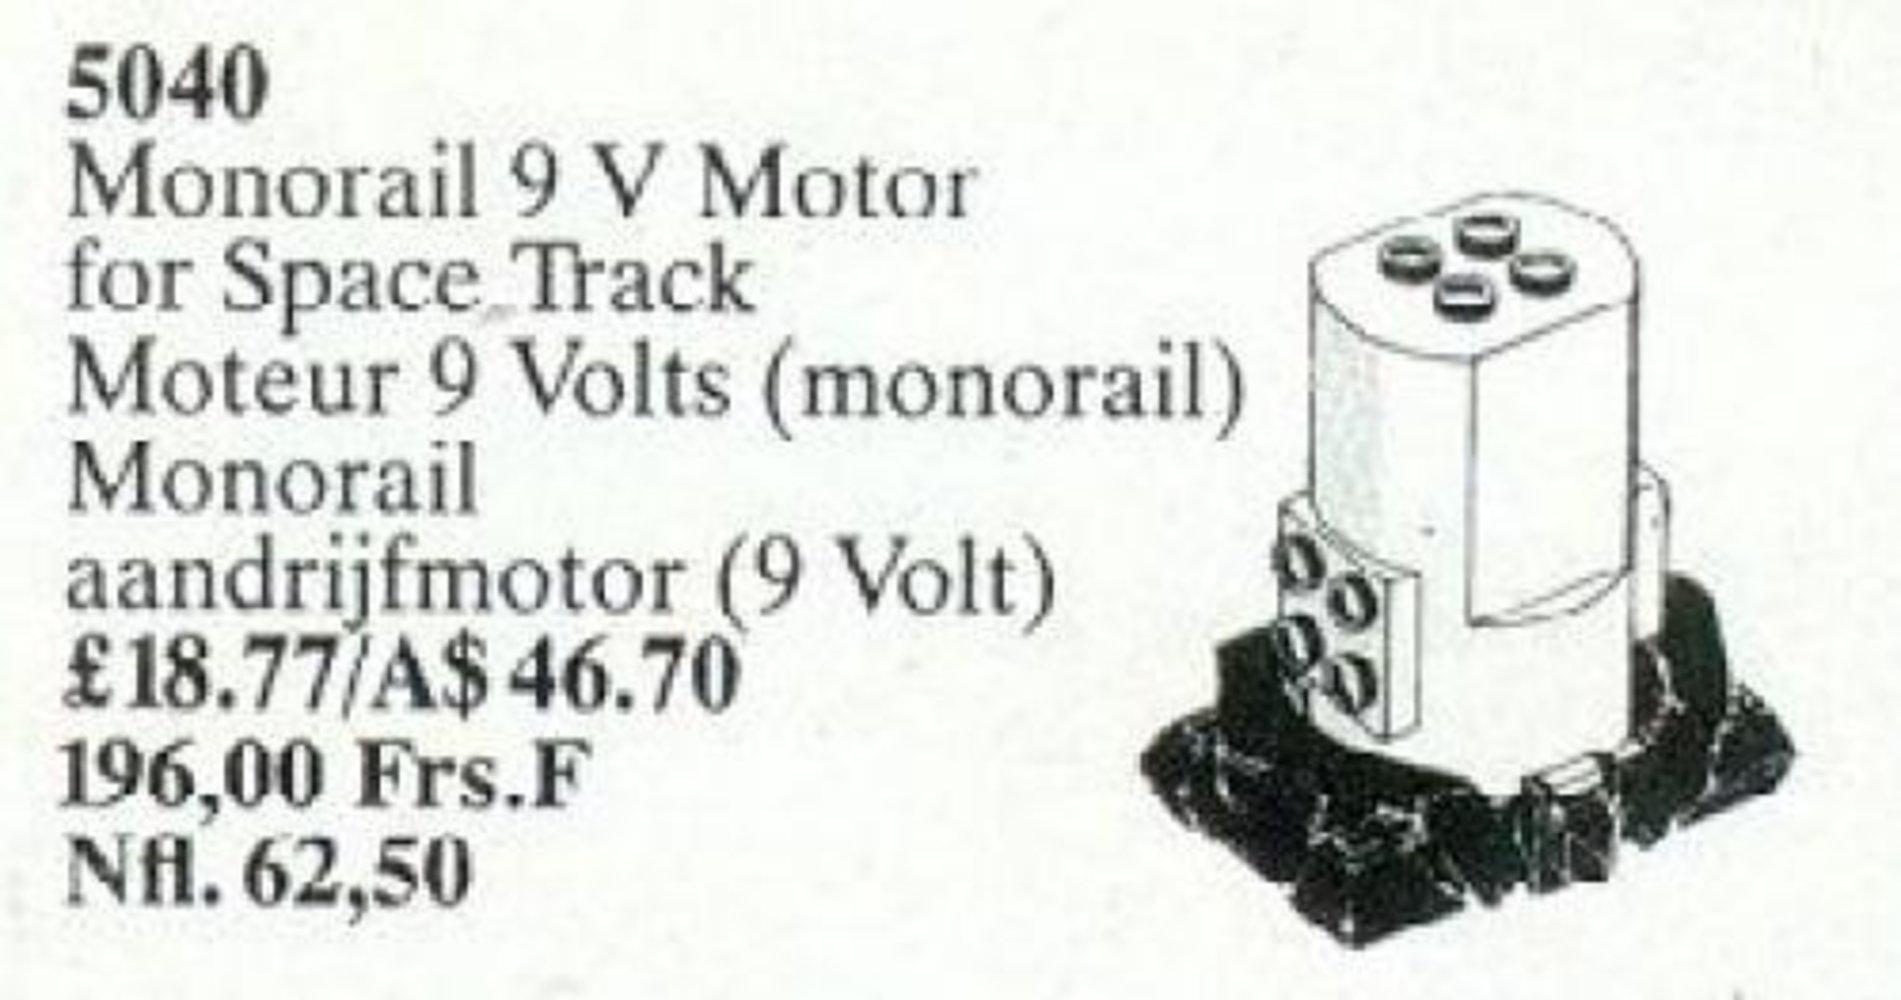 Monorail 9V Motor